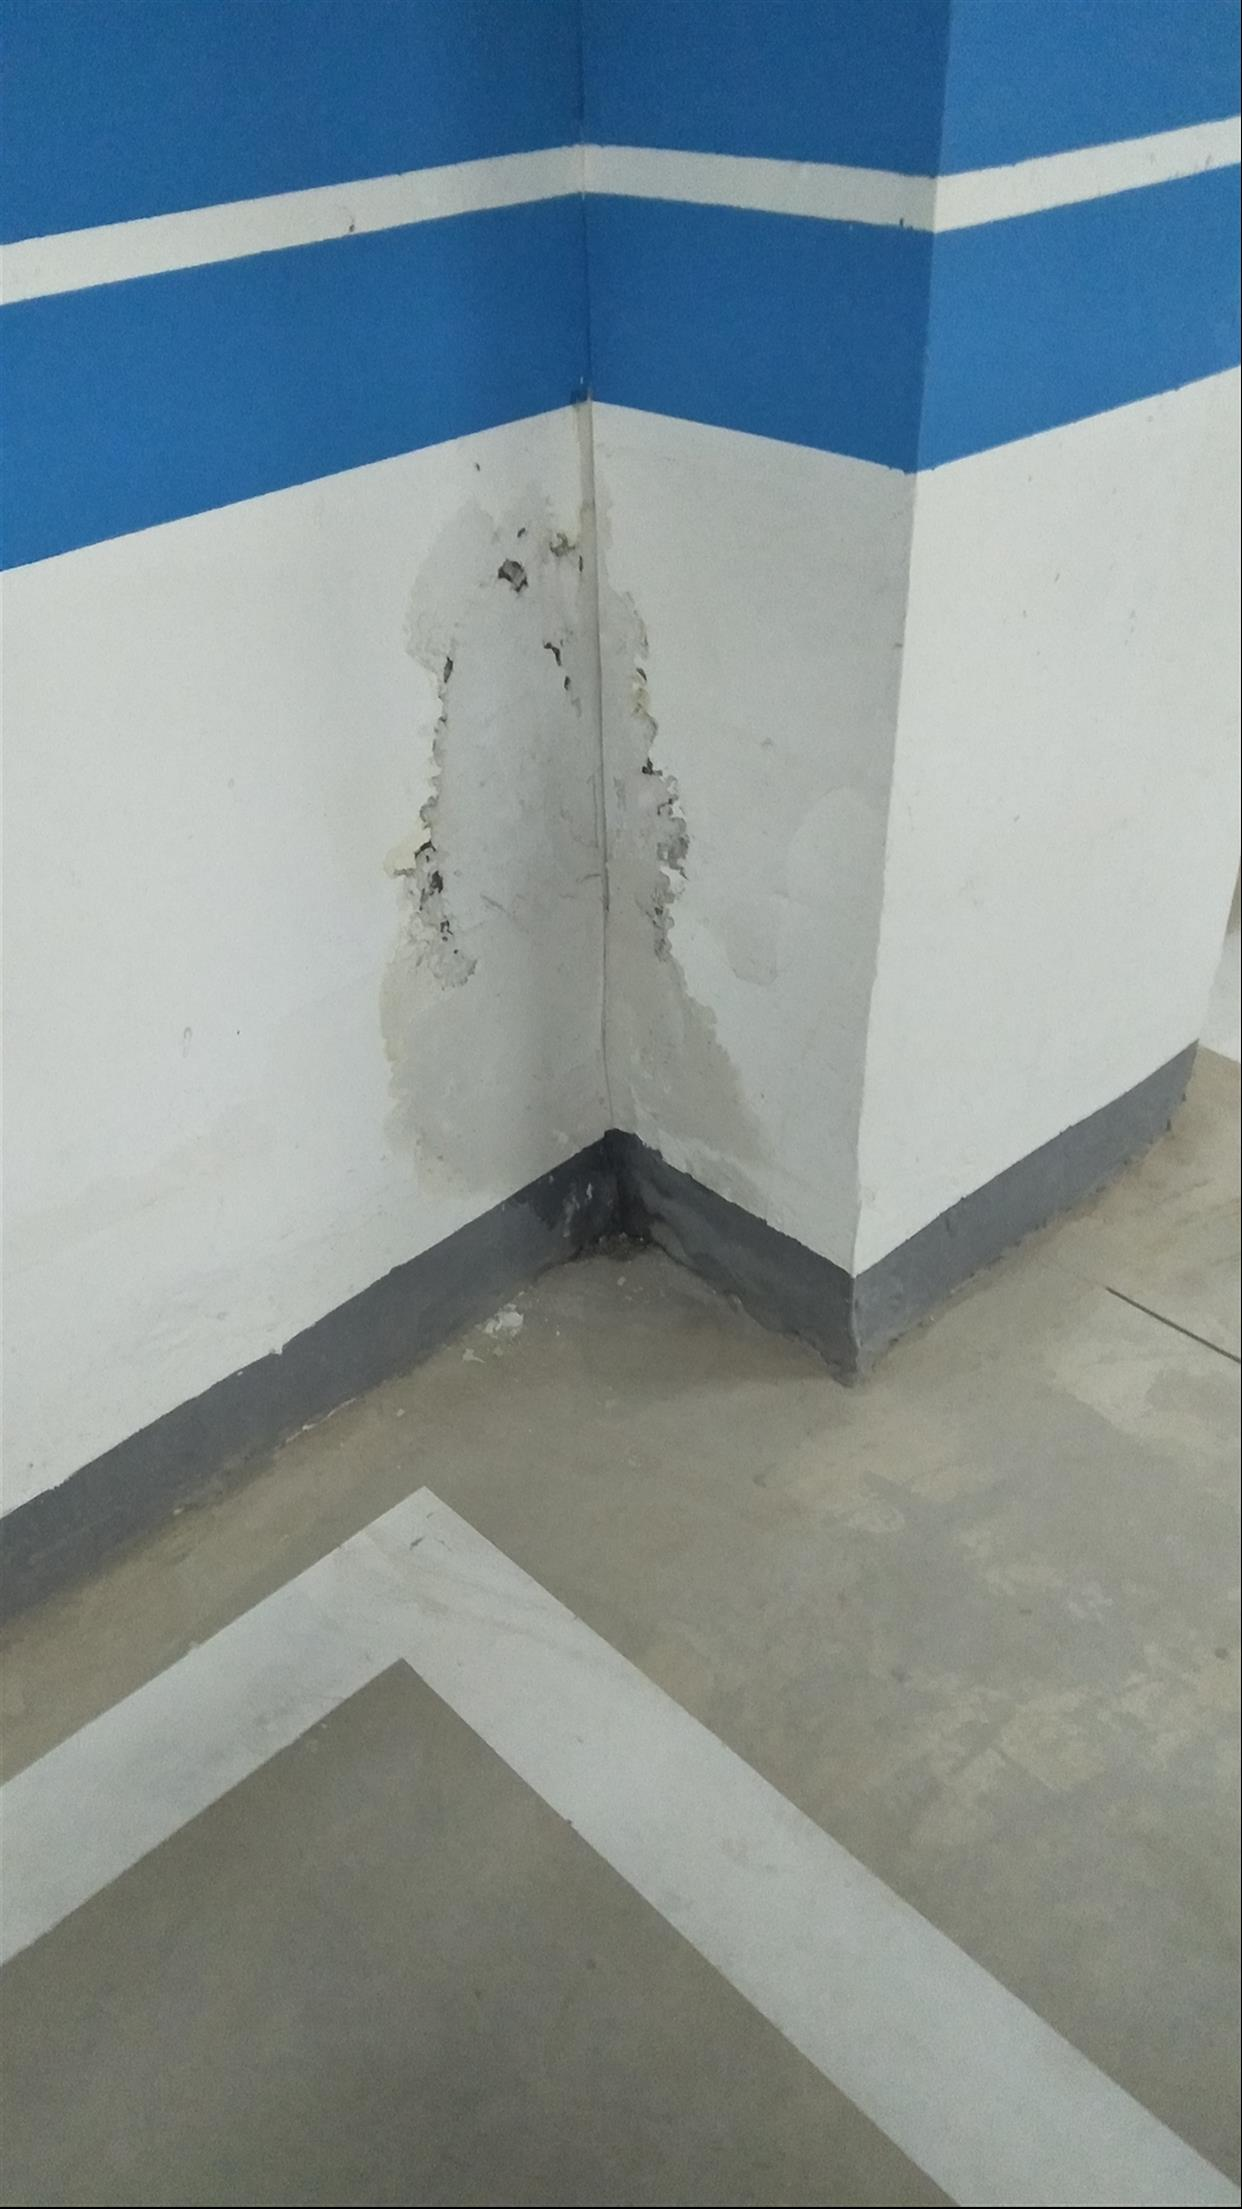 安康漏水堵漏